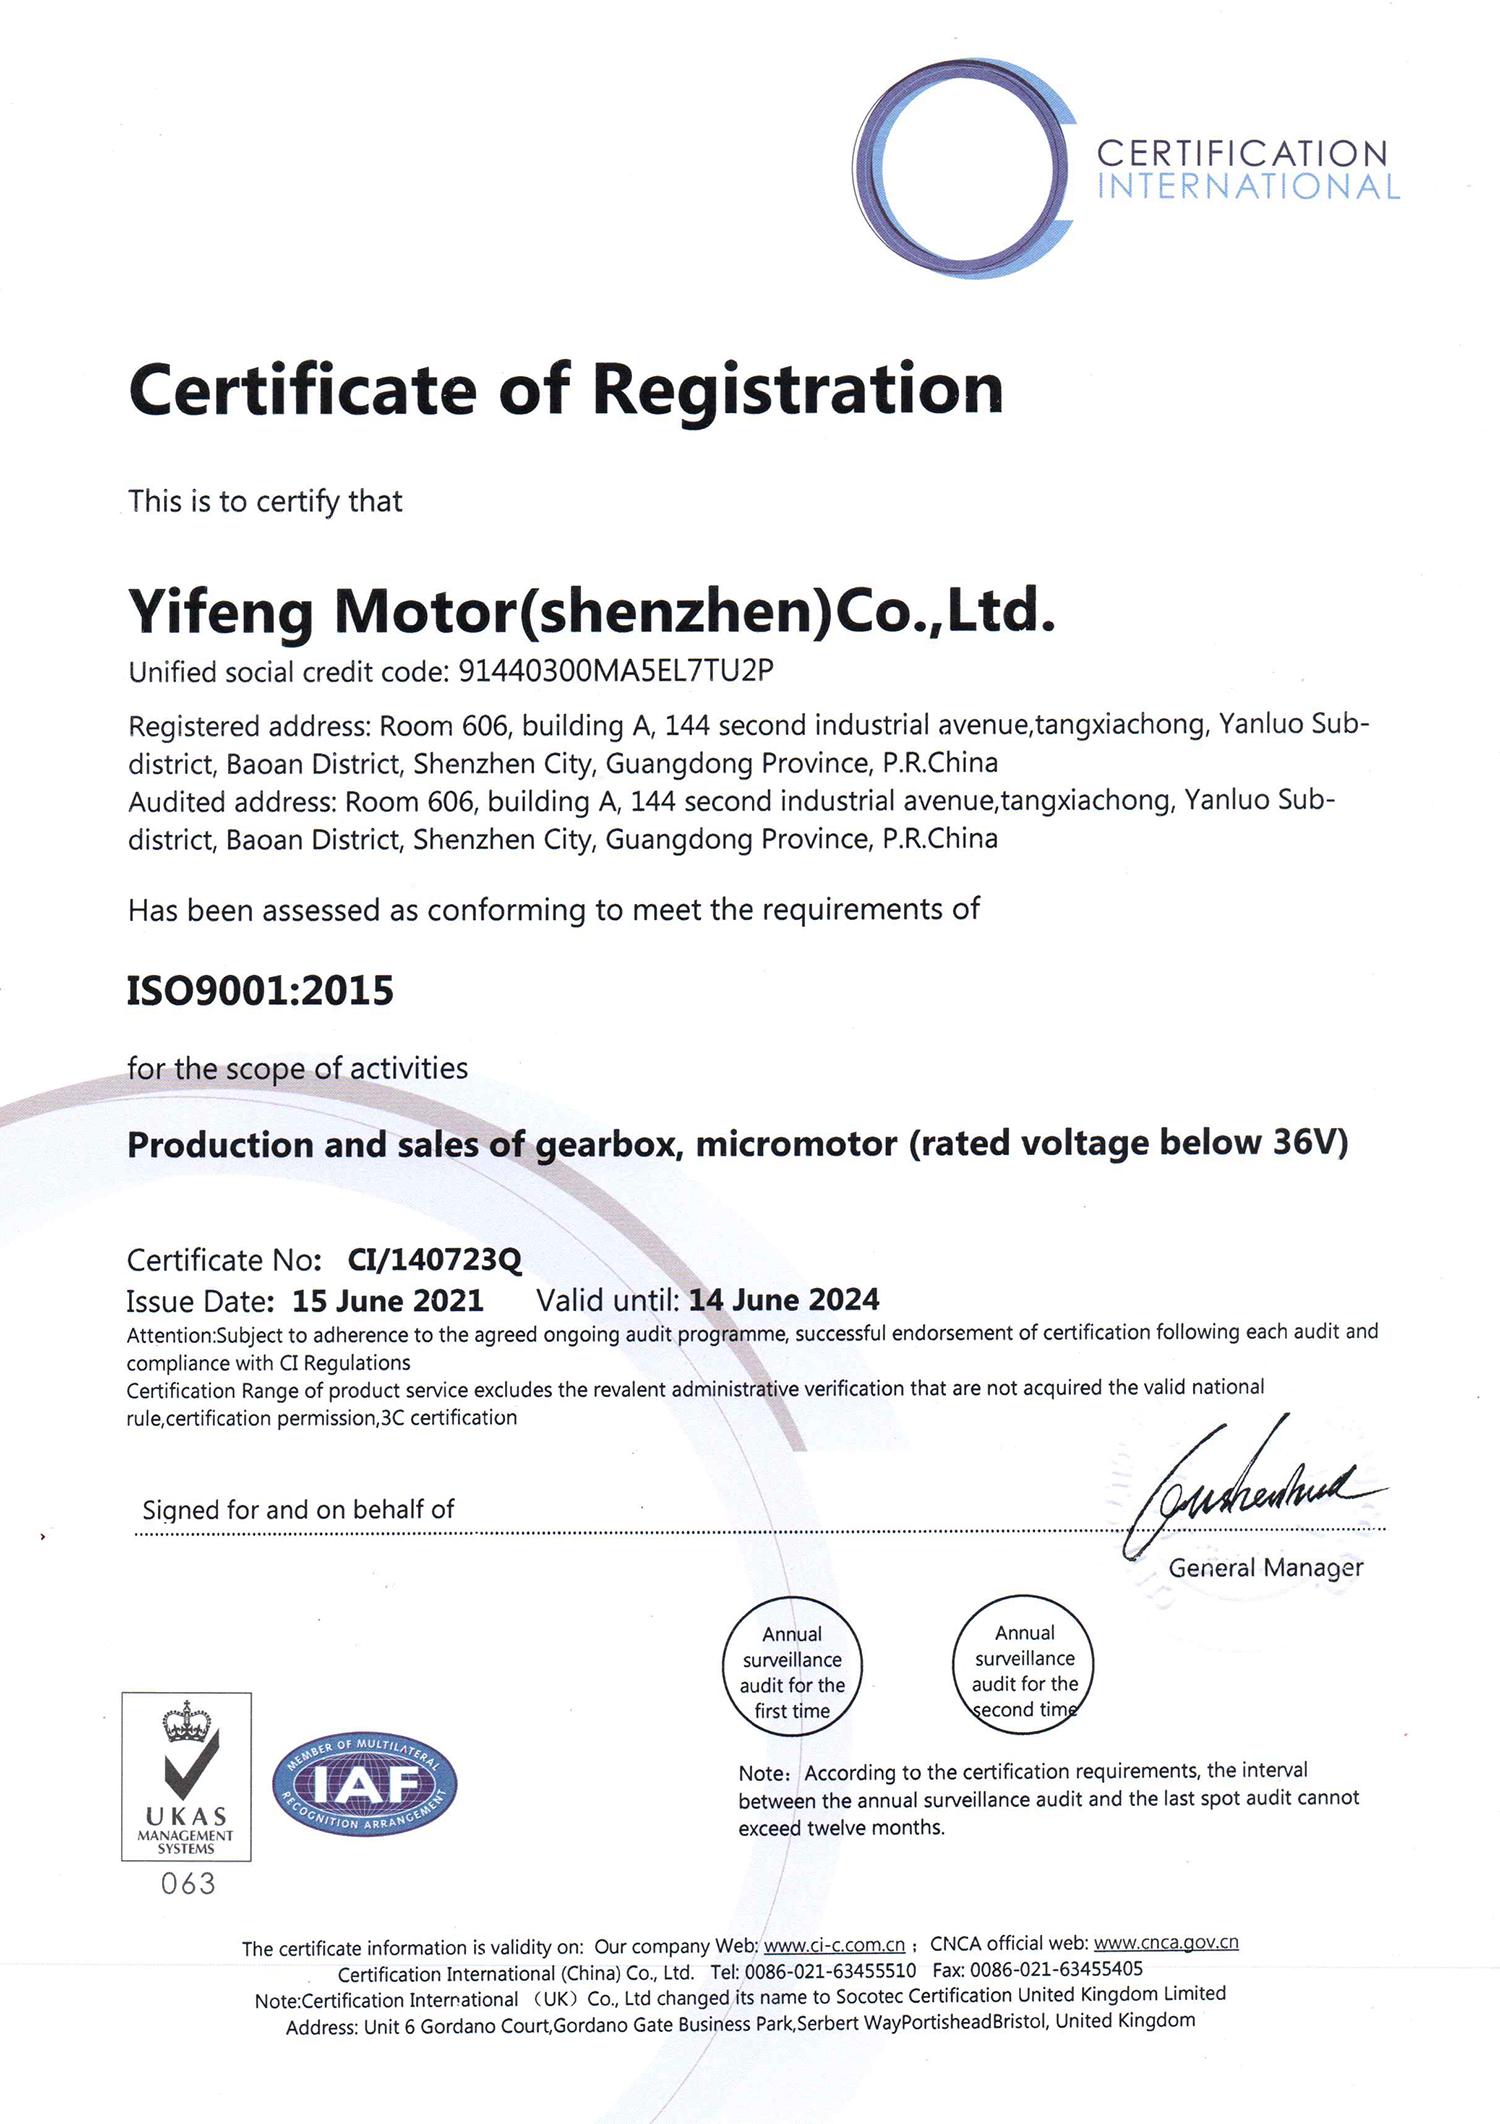 深圳毅丰电机ISO9001:2015英文版.jpg